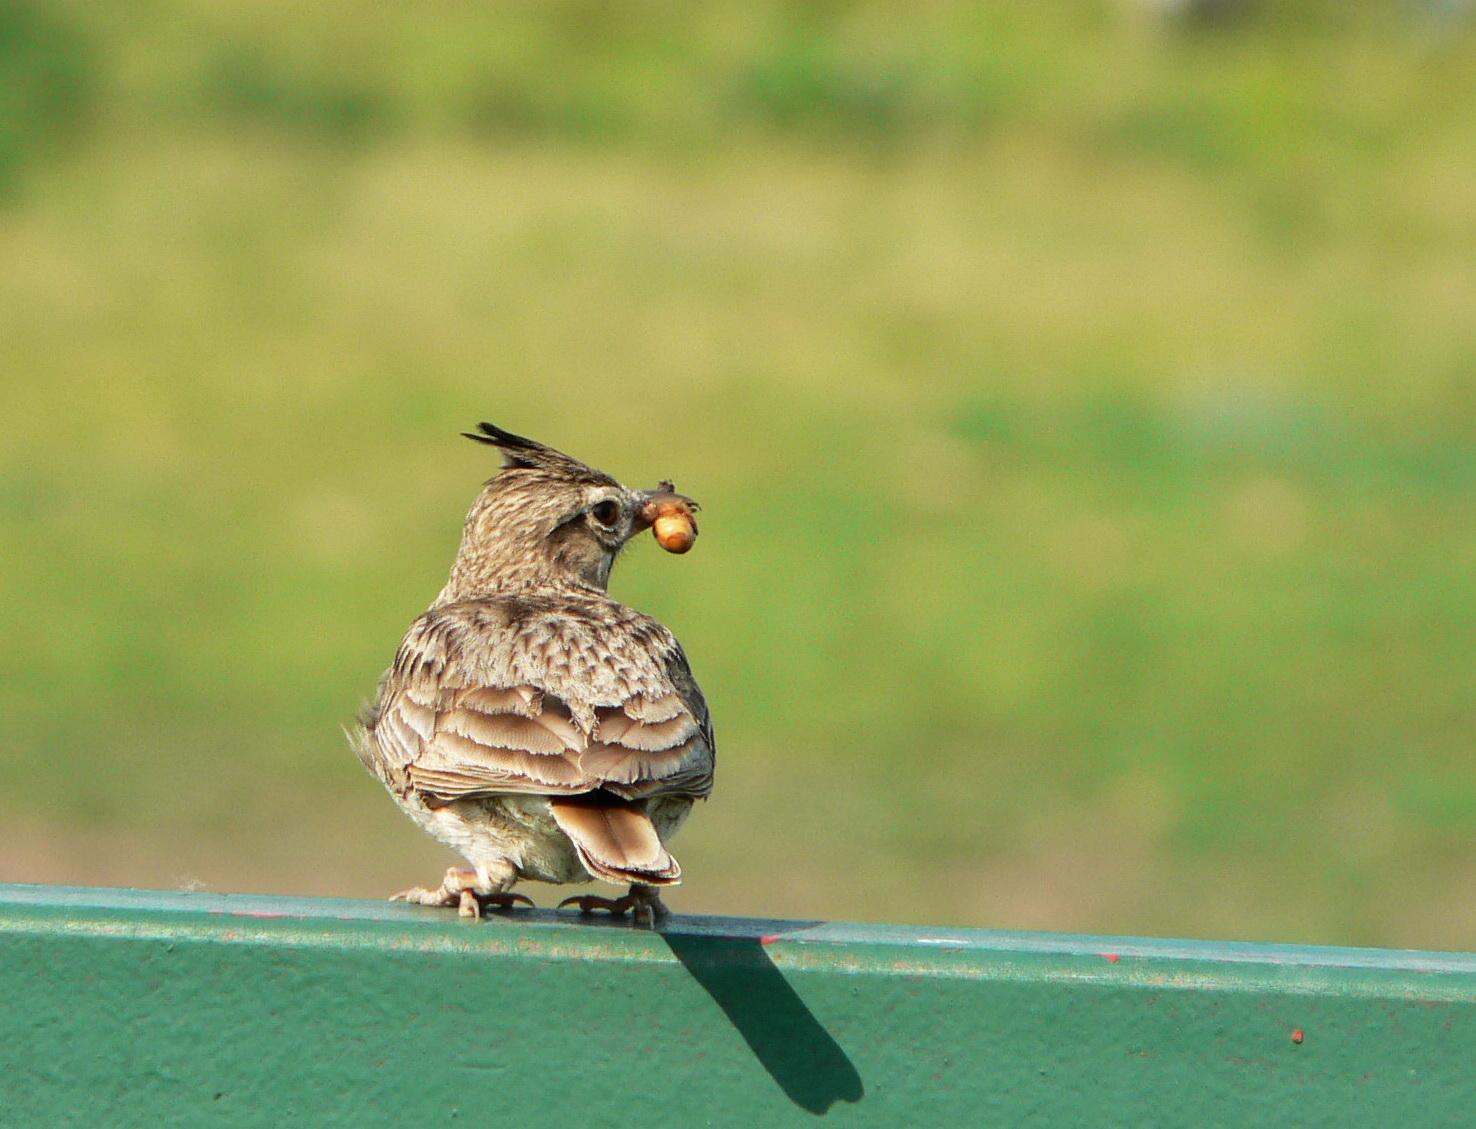 És végül egy különlegesség. Nemcsak azért, mert egy búbos pacsirta van rajta, ami nem egy tucat madár, hanem mert ez az első igazi madárfotóm. Még 2007-ben készült az Attila dombon.